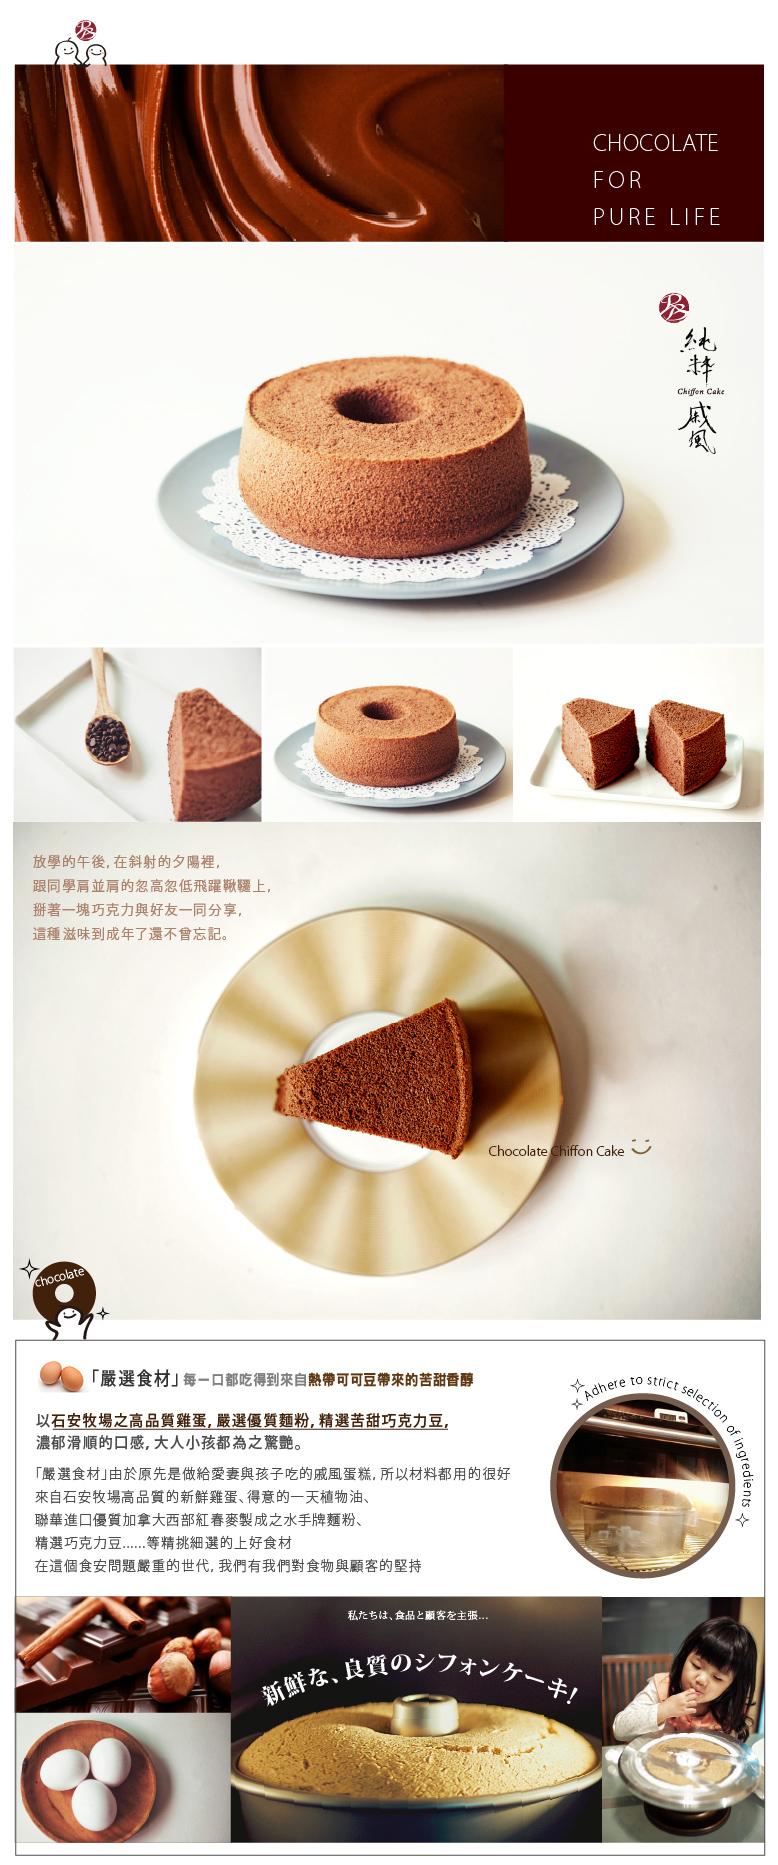 純粹戚風-7吋經典巧克力戚風蛋糕